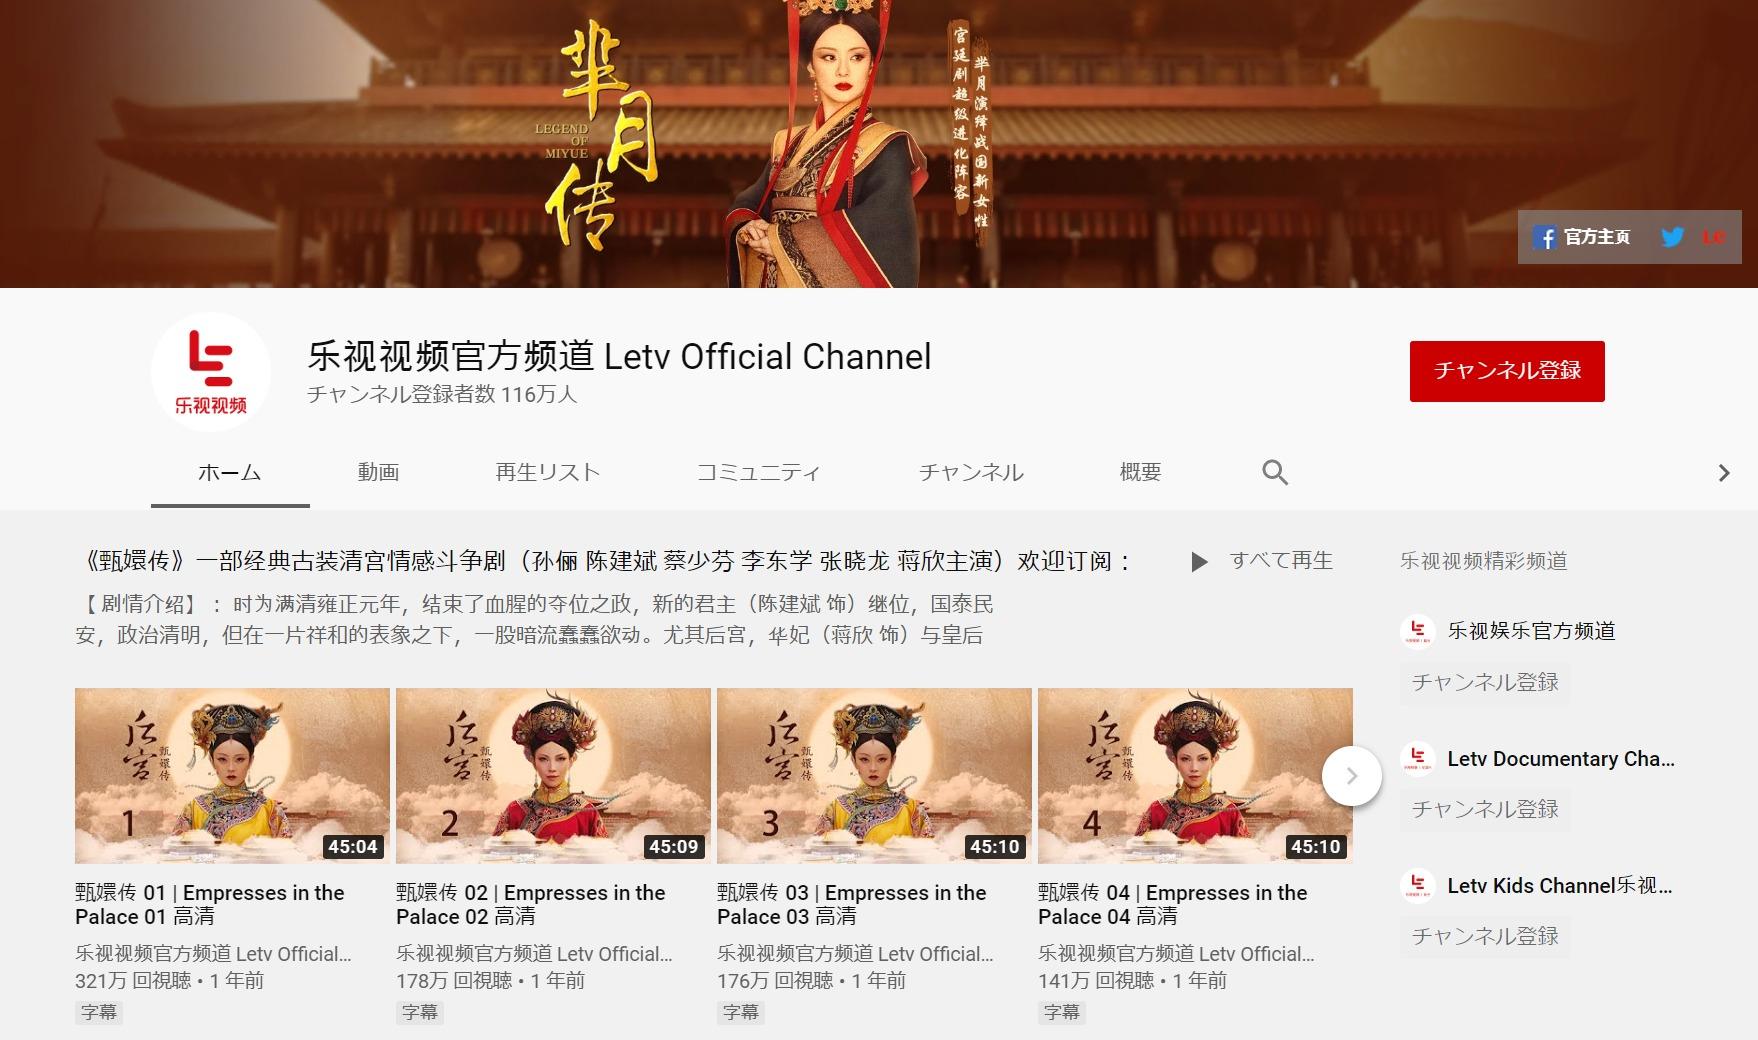 乐视视频官方频道のYouTubeチャンネル